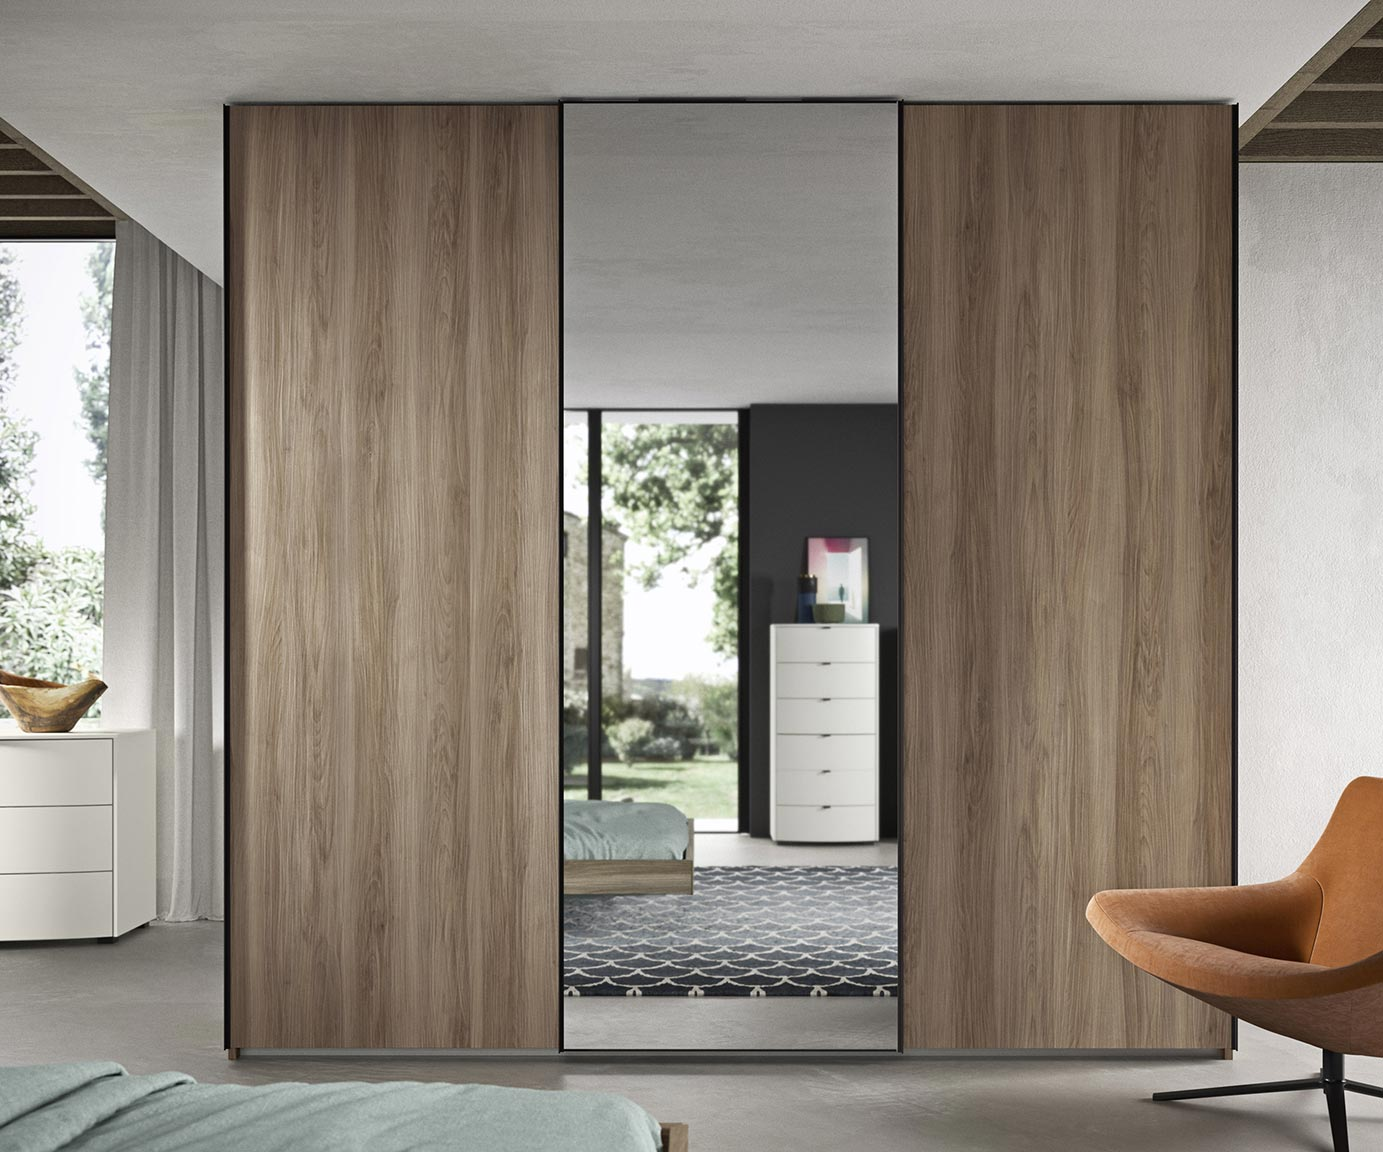 Armadio A Muro Design anta liscia / specchio - armadio scorrevole dal design